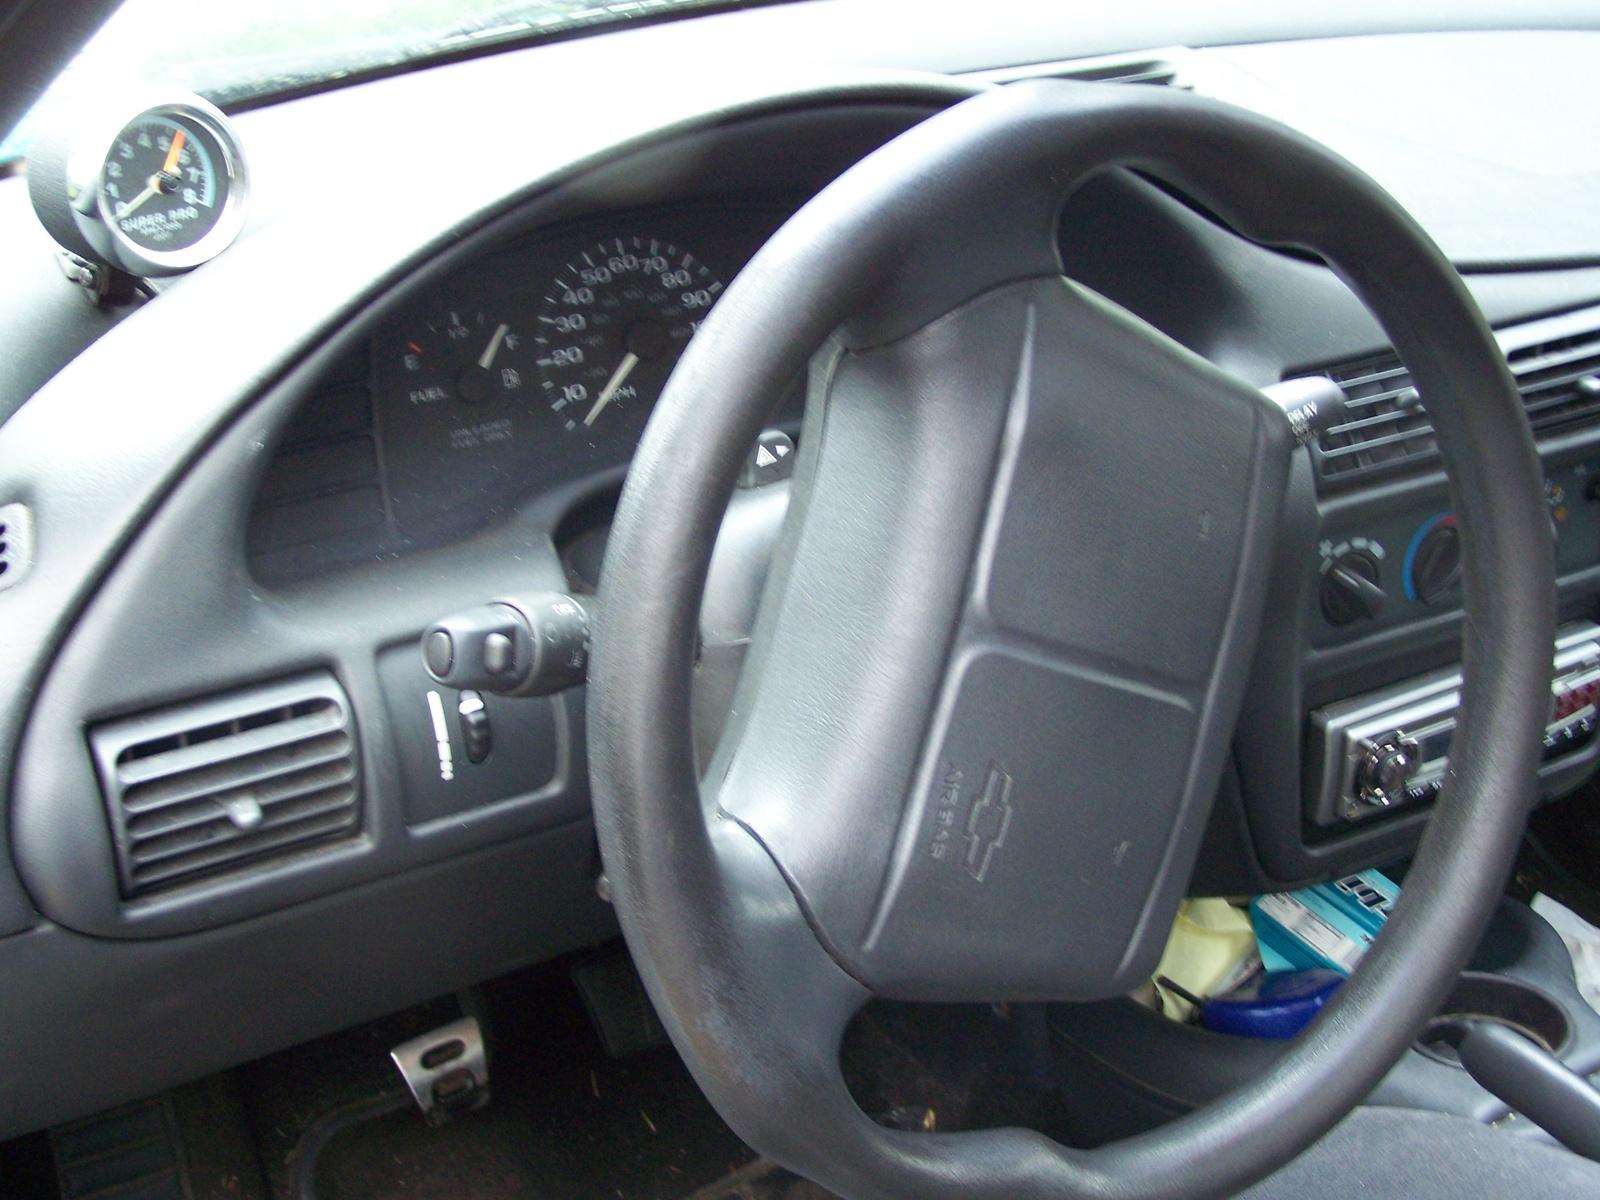 1995 Chevrolet Cavalier - Interior Pictures - CarGurus